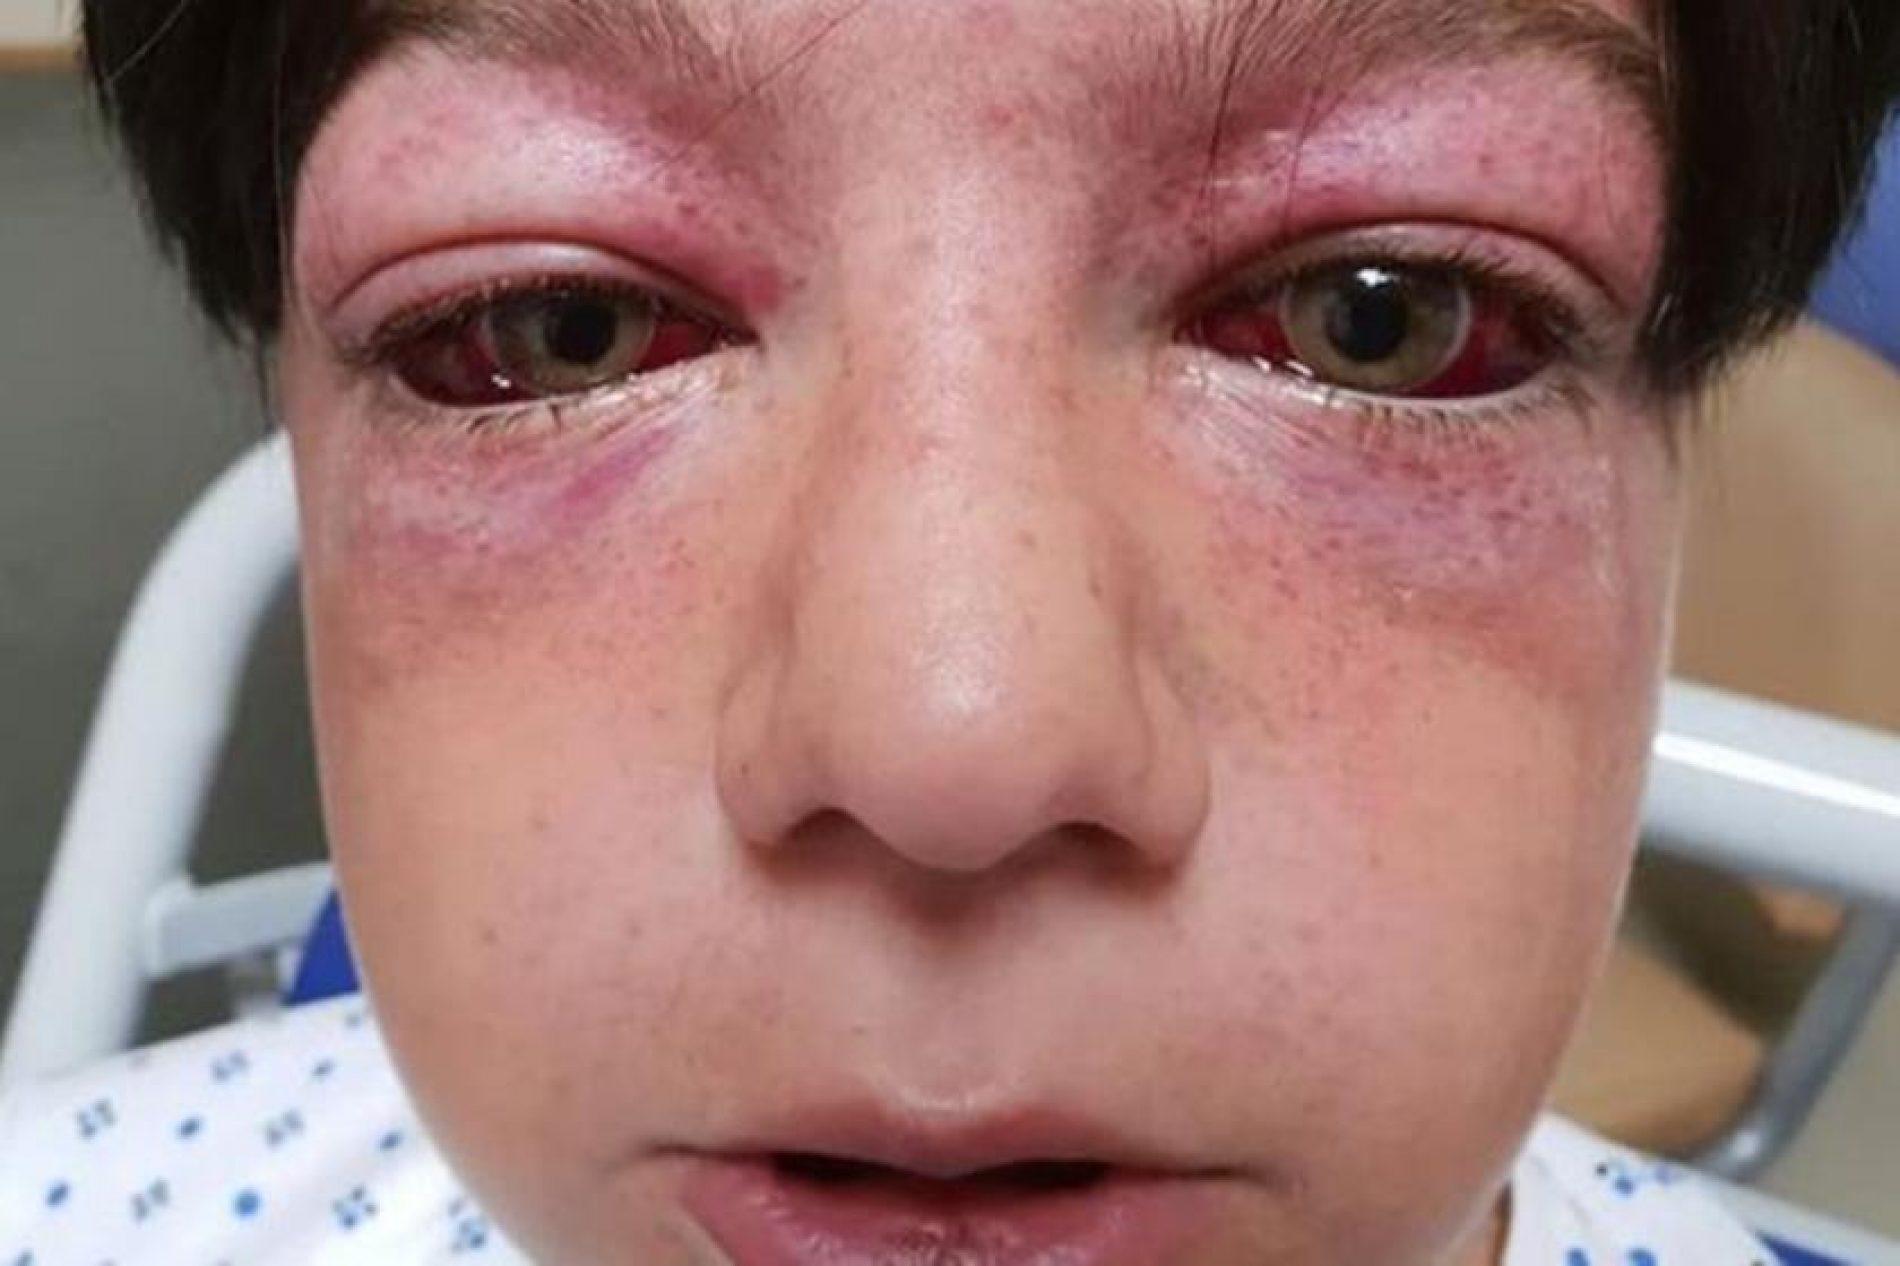 Novo desafio da internet deixa criança de 11 anos gravemente ferida